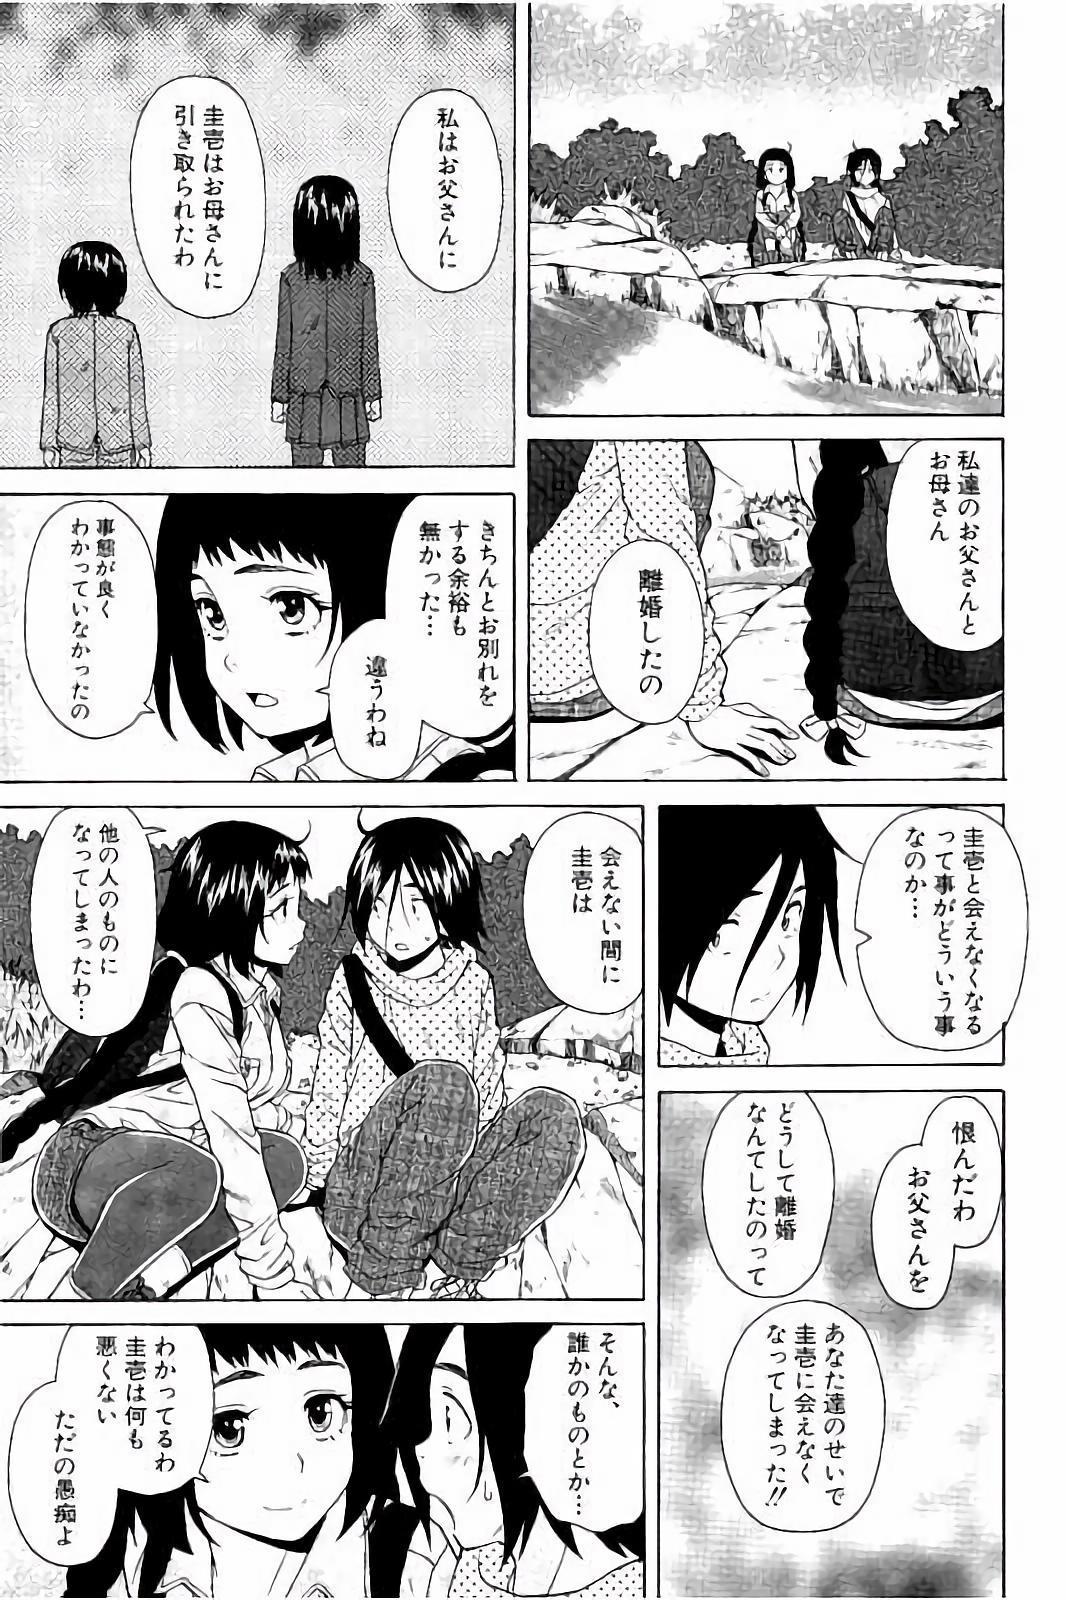 Ane no Himitsu To Boku no Jisatsu 102